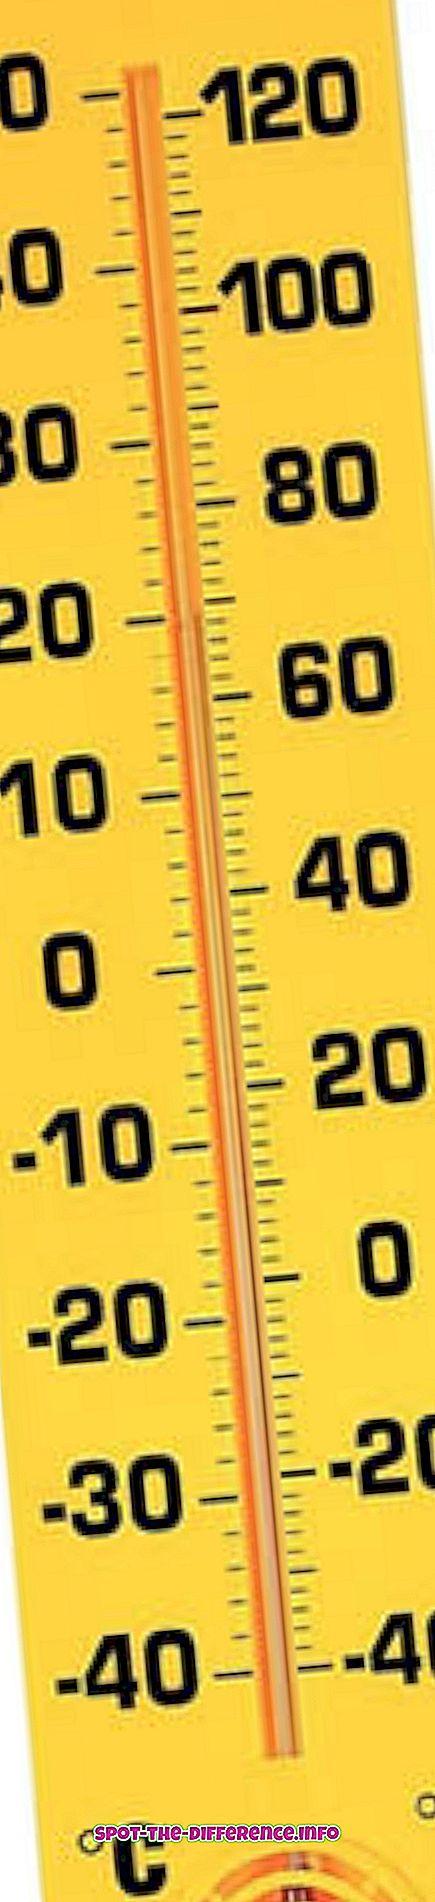 Razlika između Celzija i Celzija